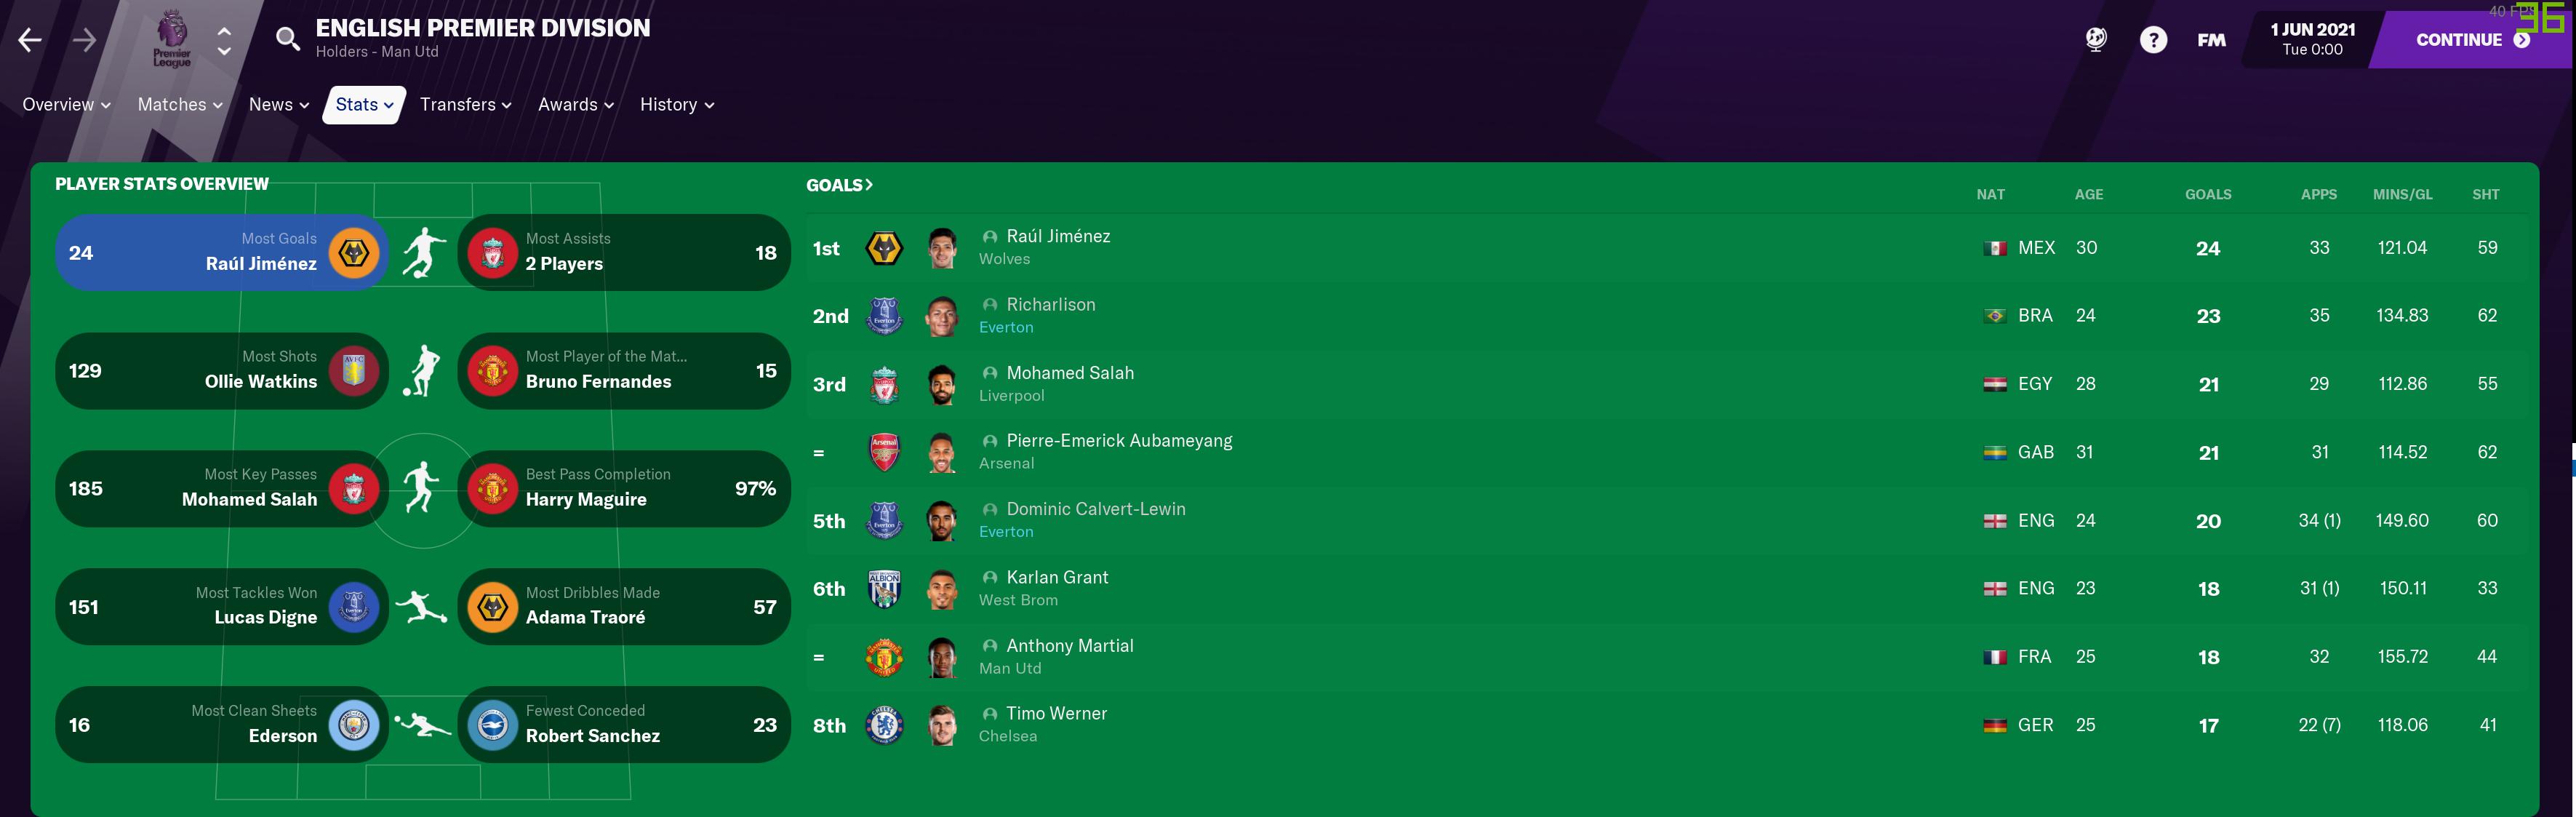 17 Everton Strikers Both In Top 5.PNG